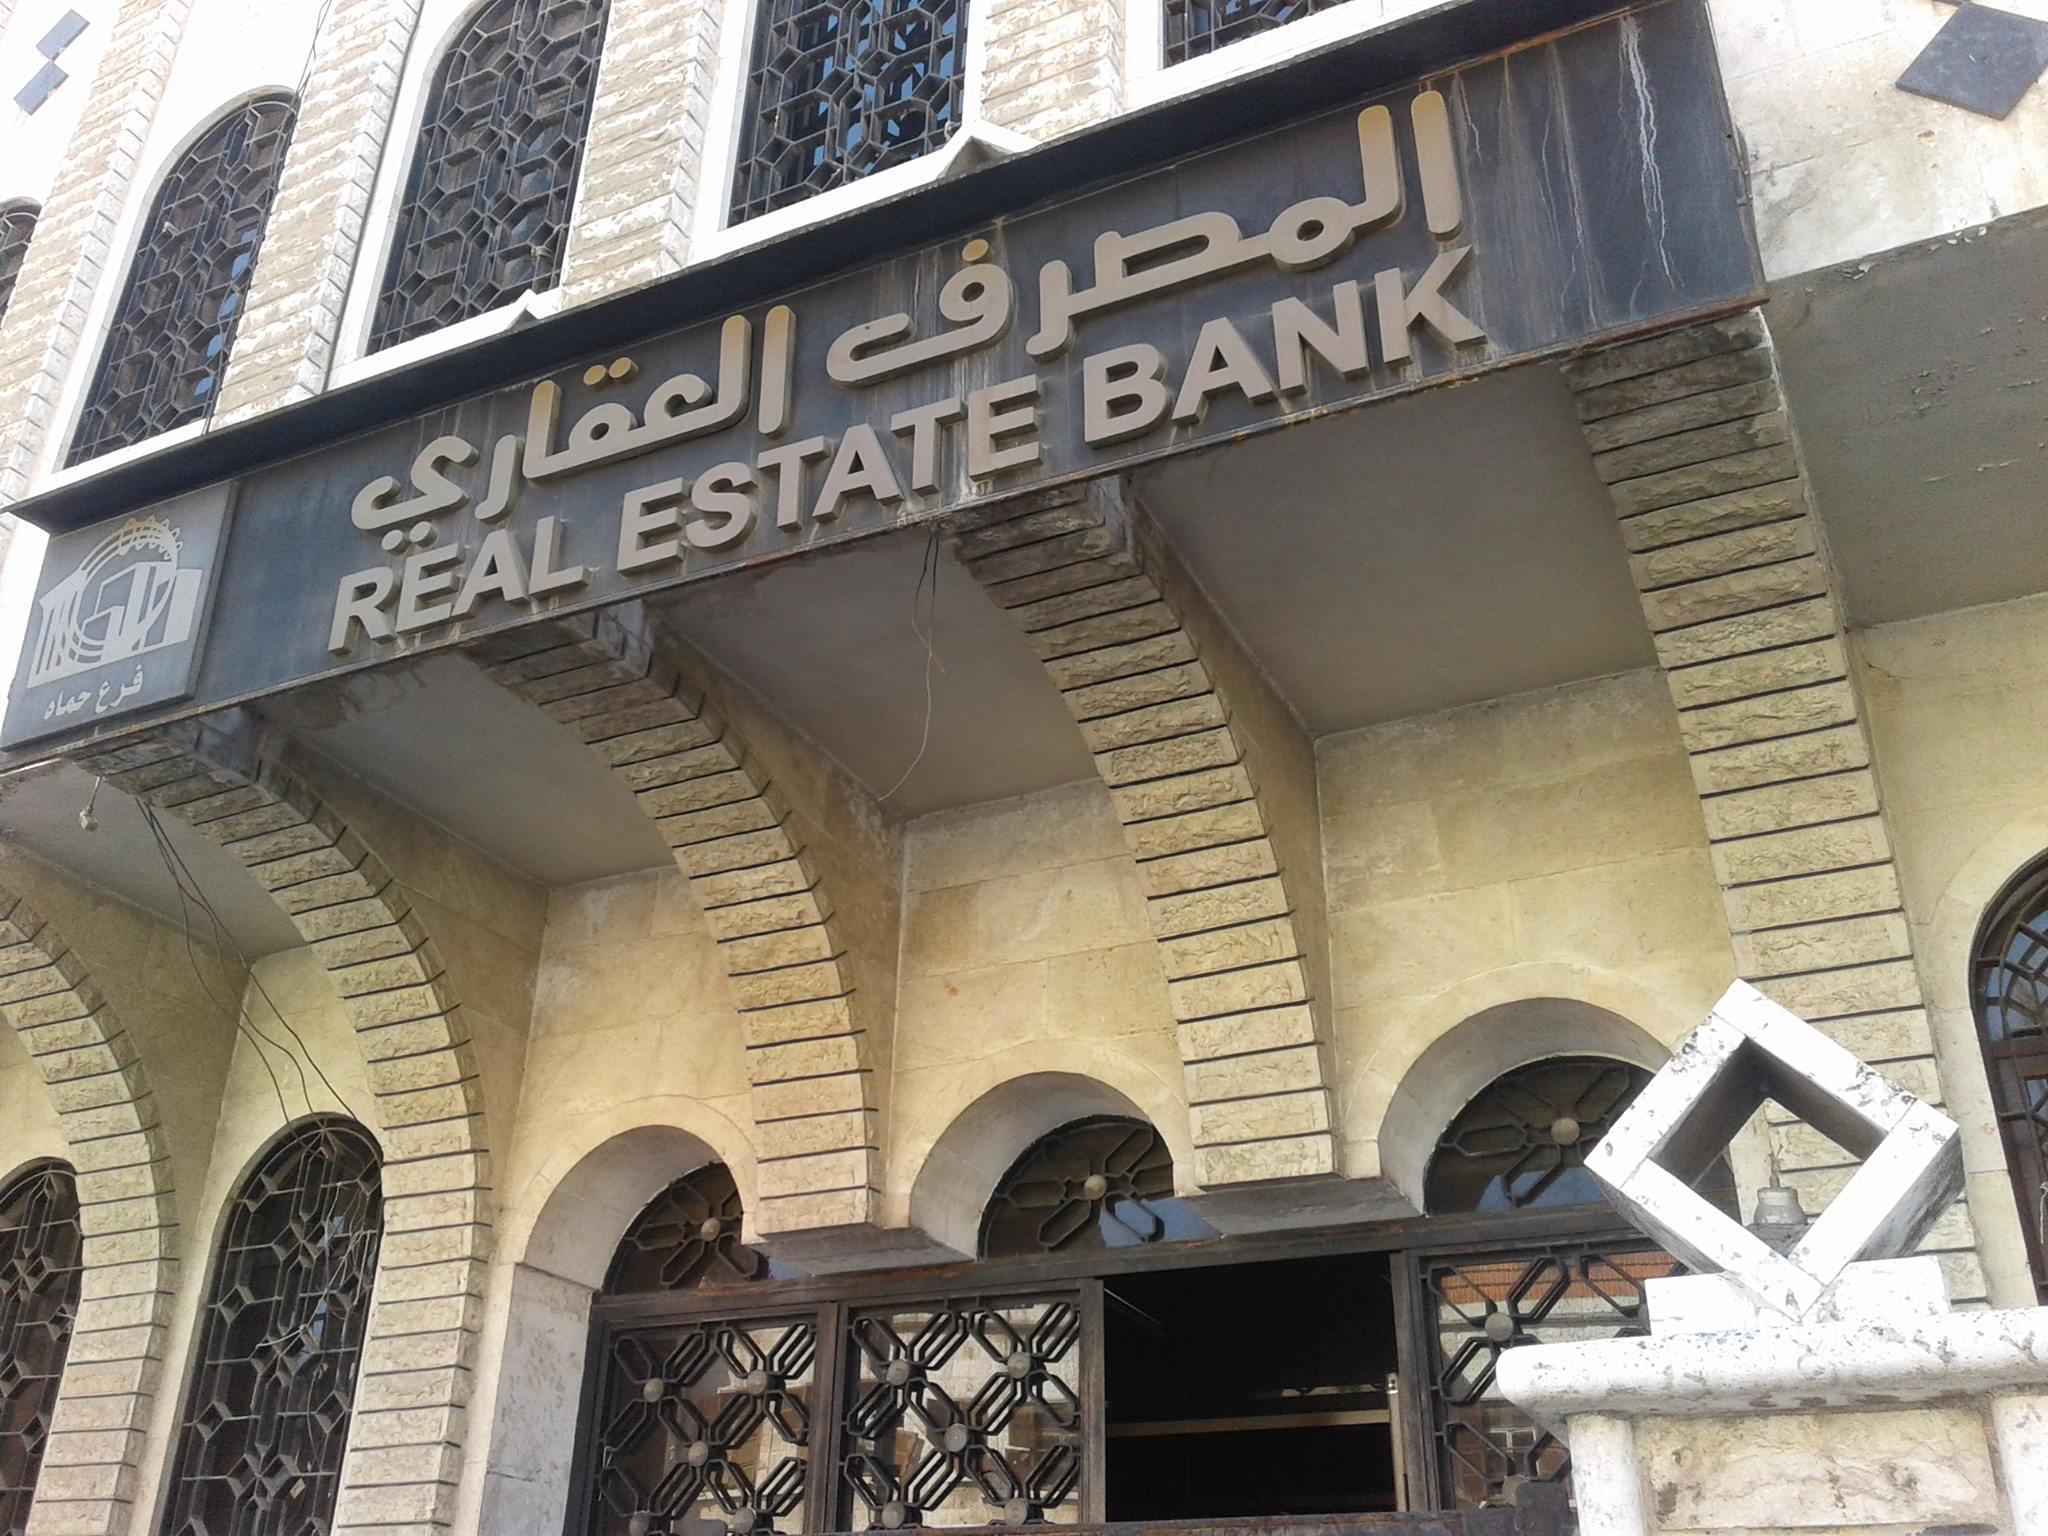 المصرف العقاري يفرض عمولة على تسديد الفواتير إلكترونياً